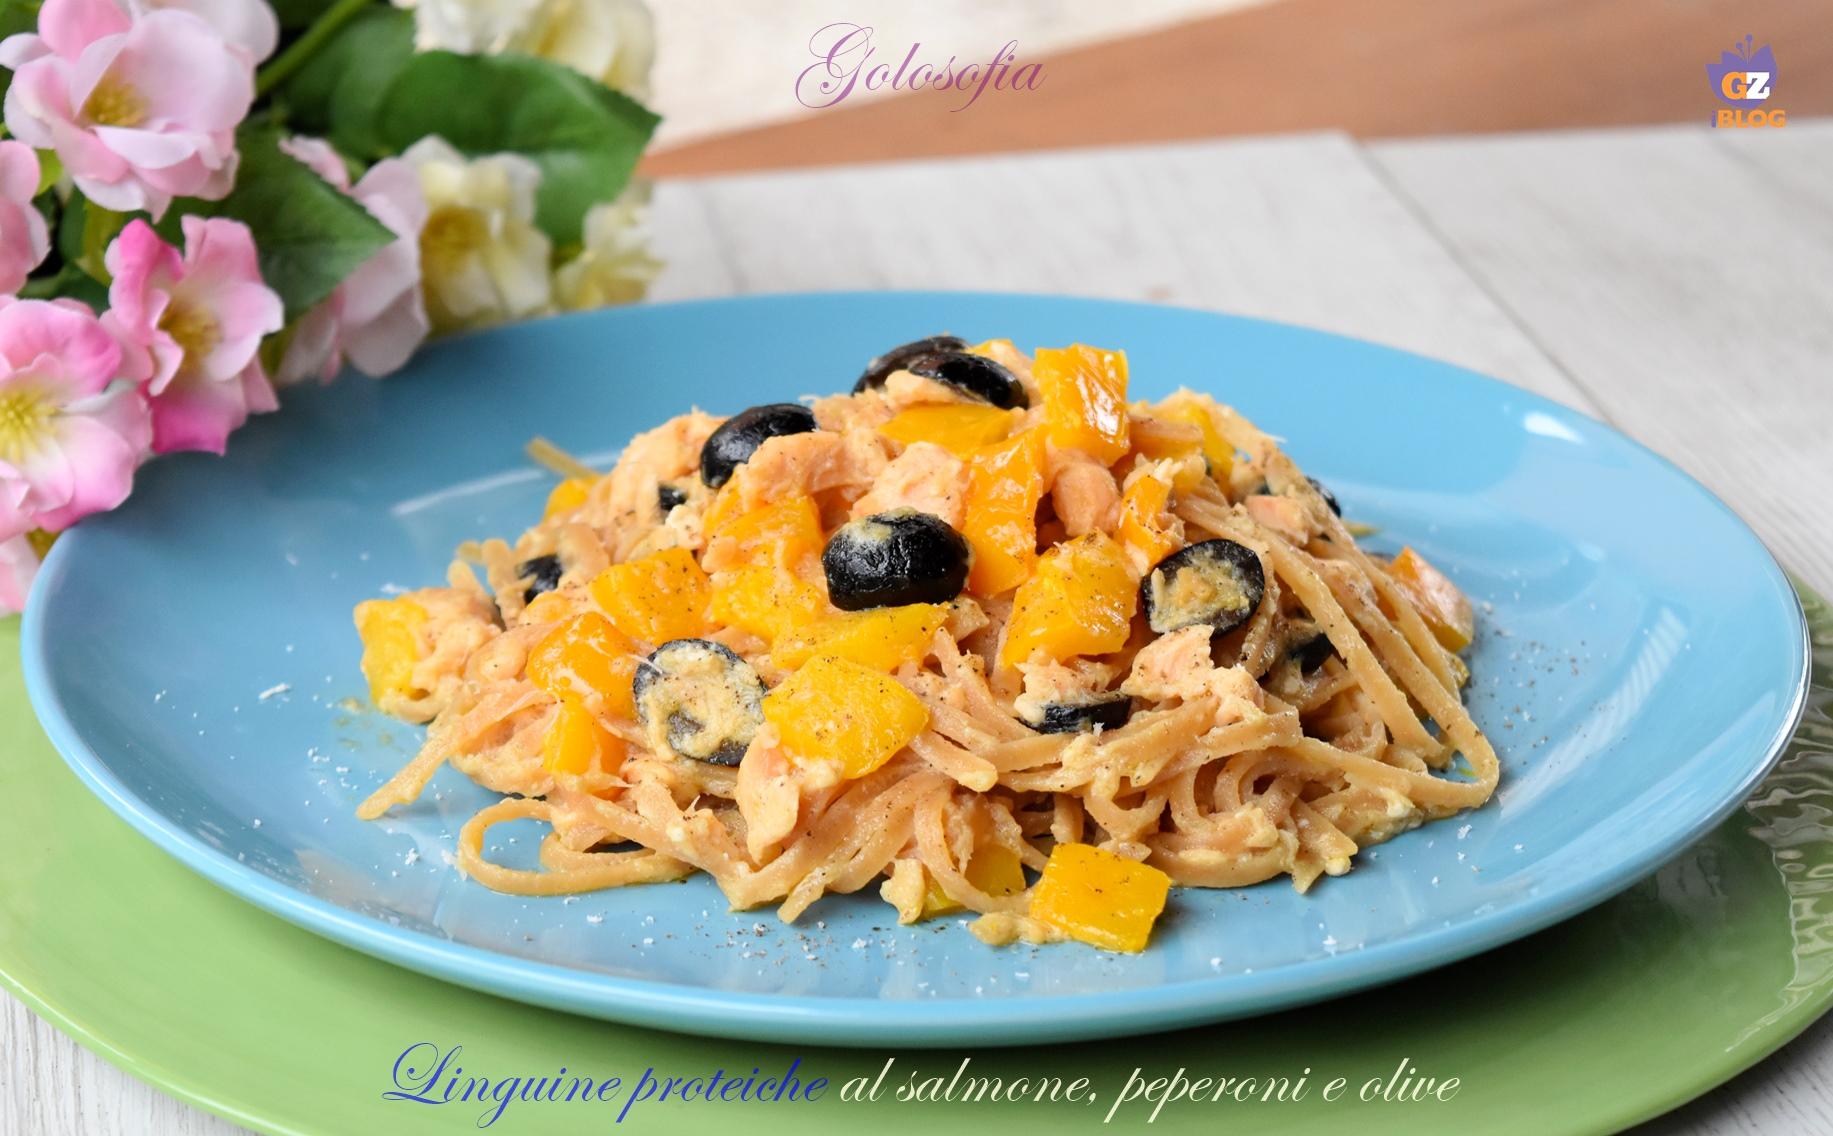 Linguine Proteiche al Salmone, Peperoni e Olive, Ricetta Low-carb